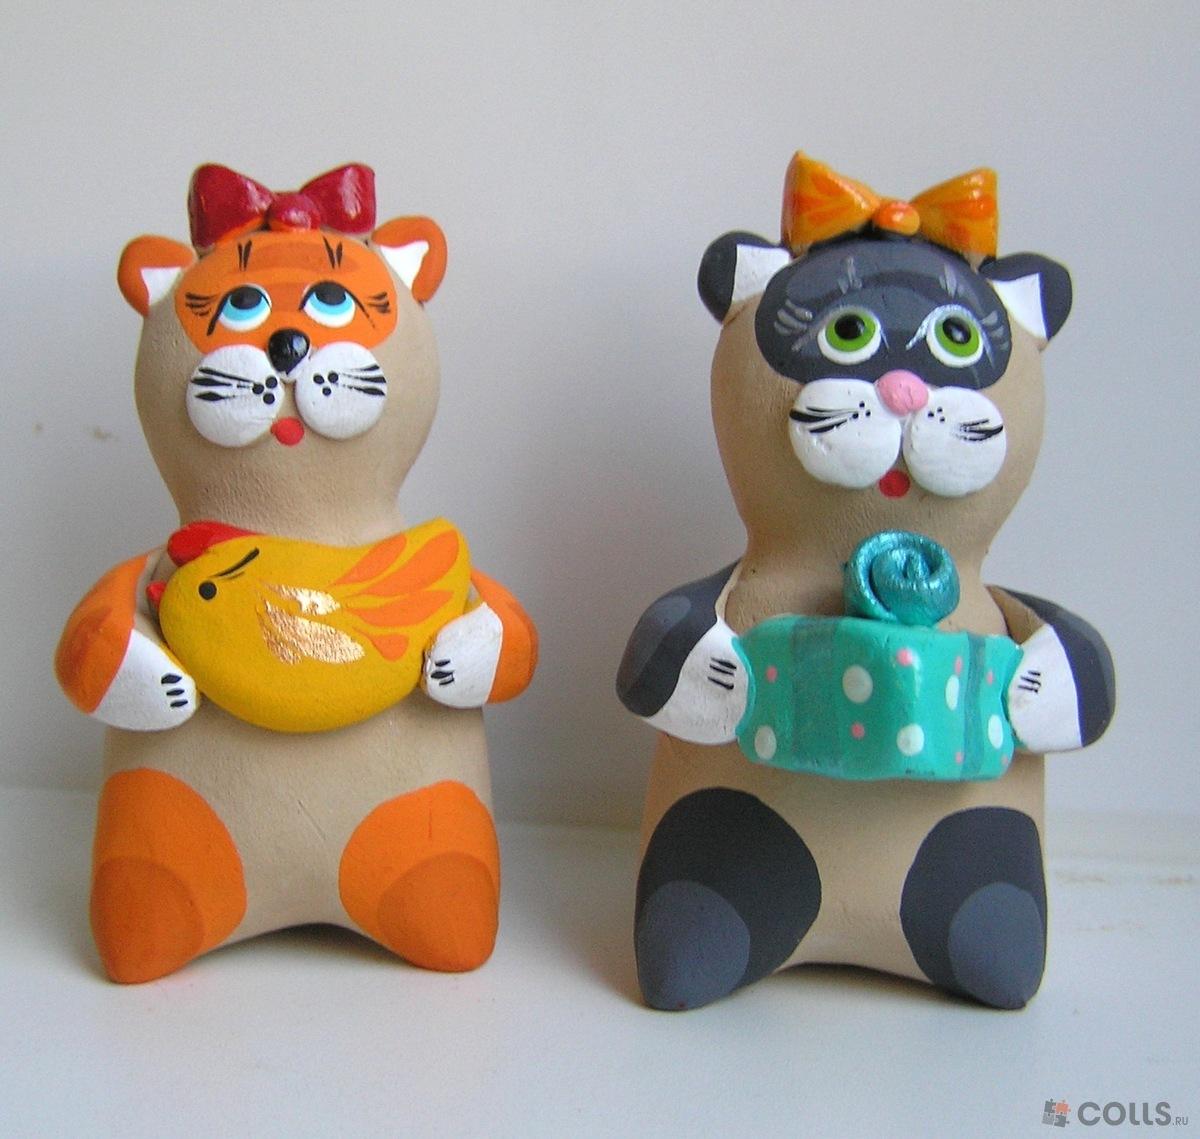 Фото игрушки гуфи резиновый со сфистулькой 26 фотография